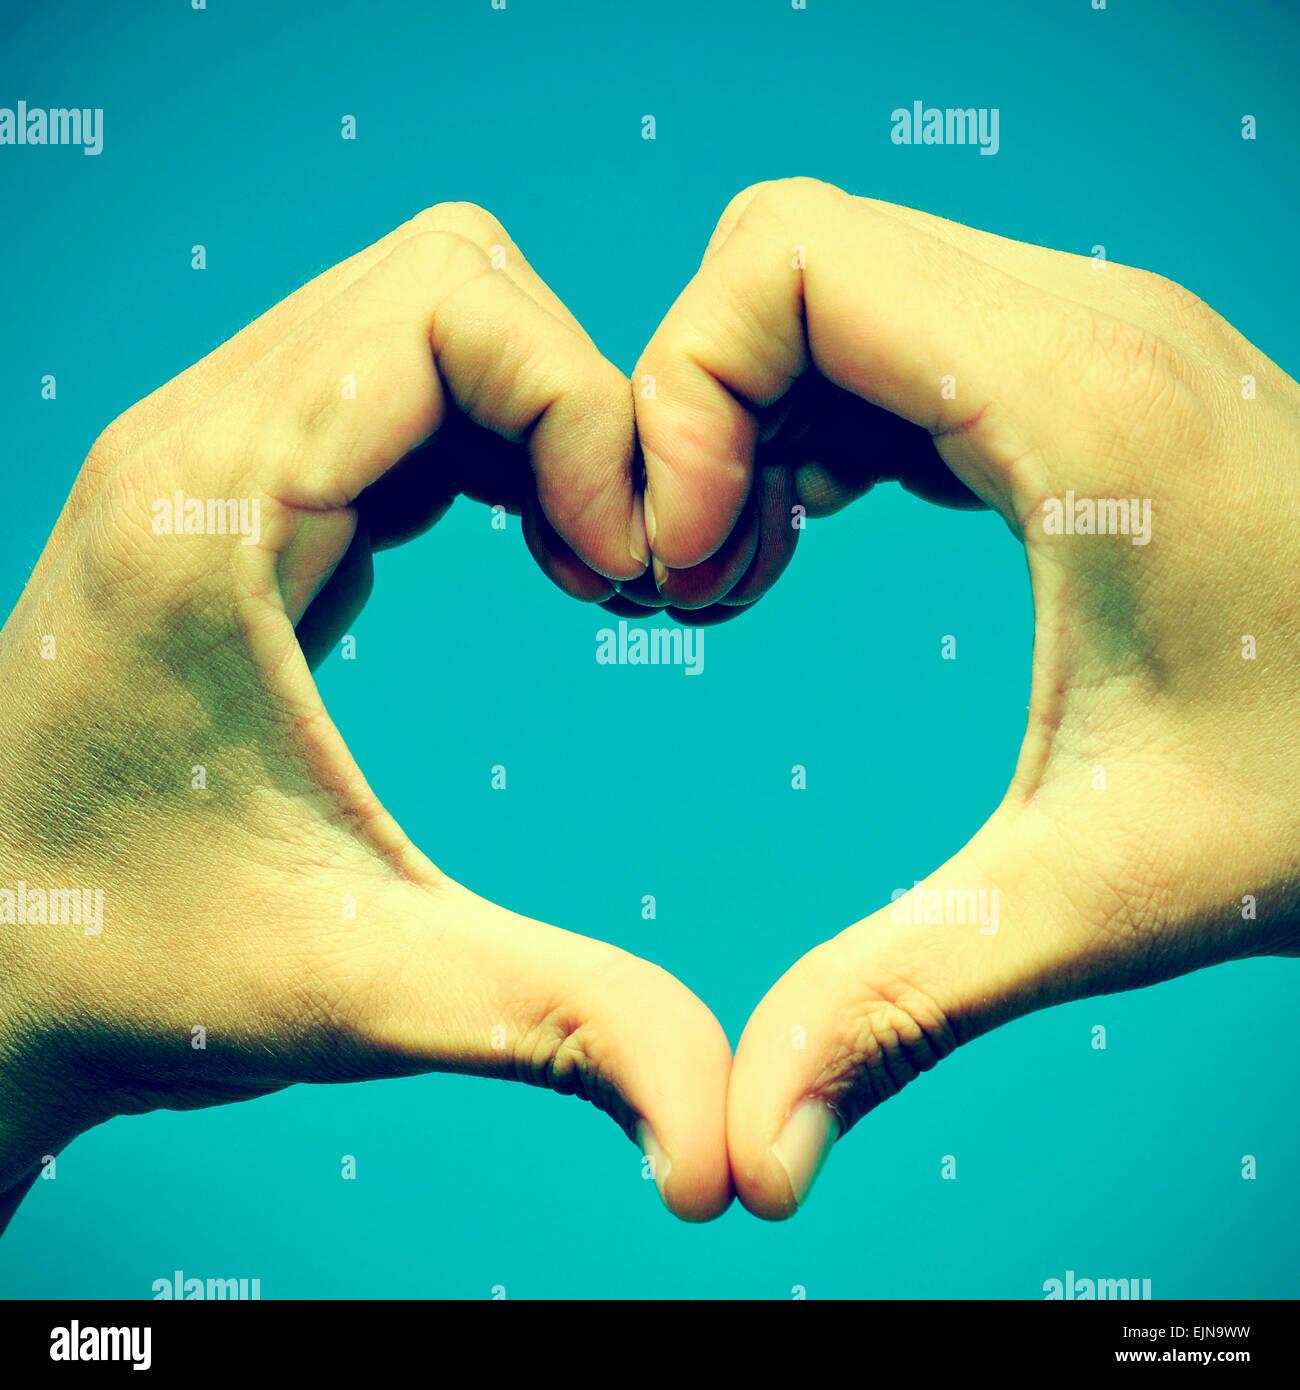 Photo de l'homme mains formant un coeur sur le ciel bleu, avec un effet rétro Photo Stock